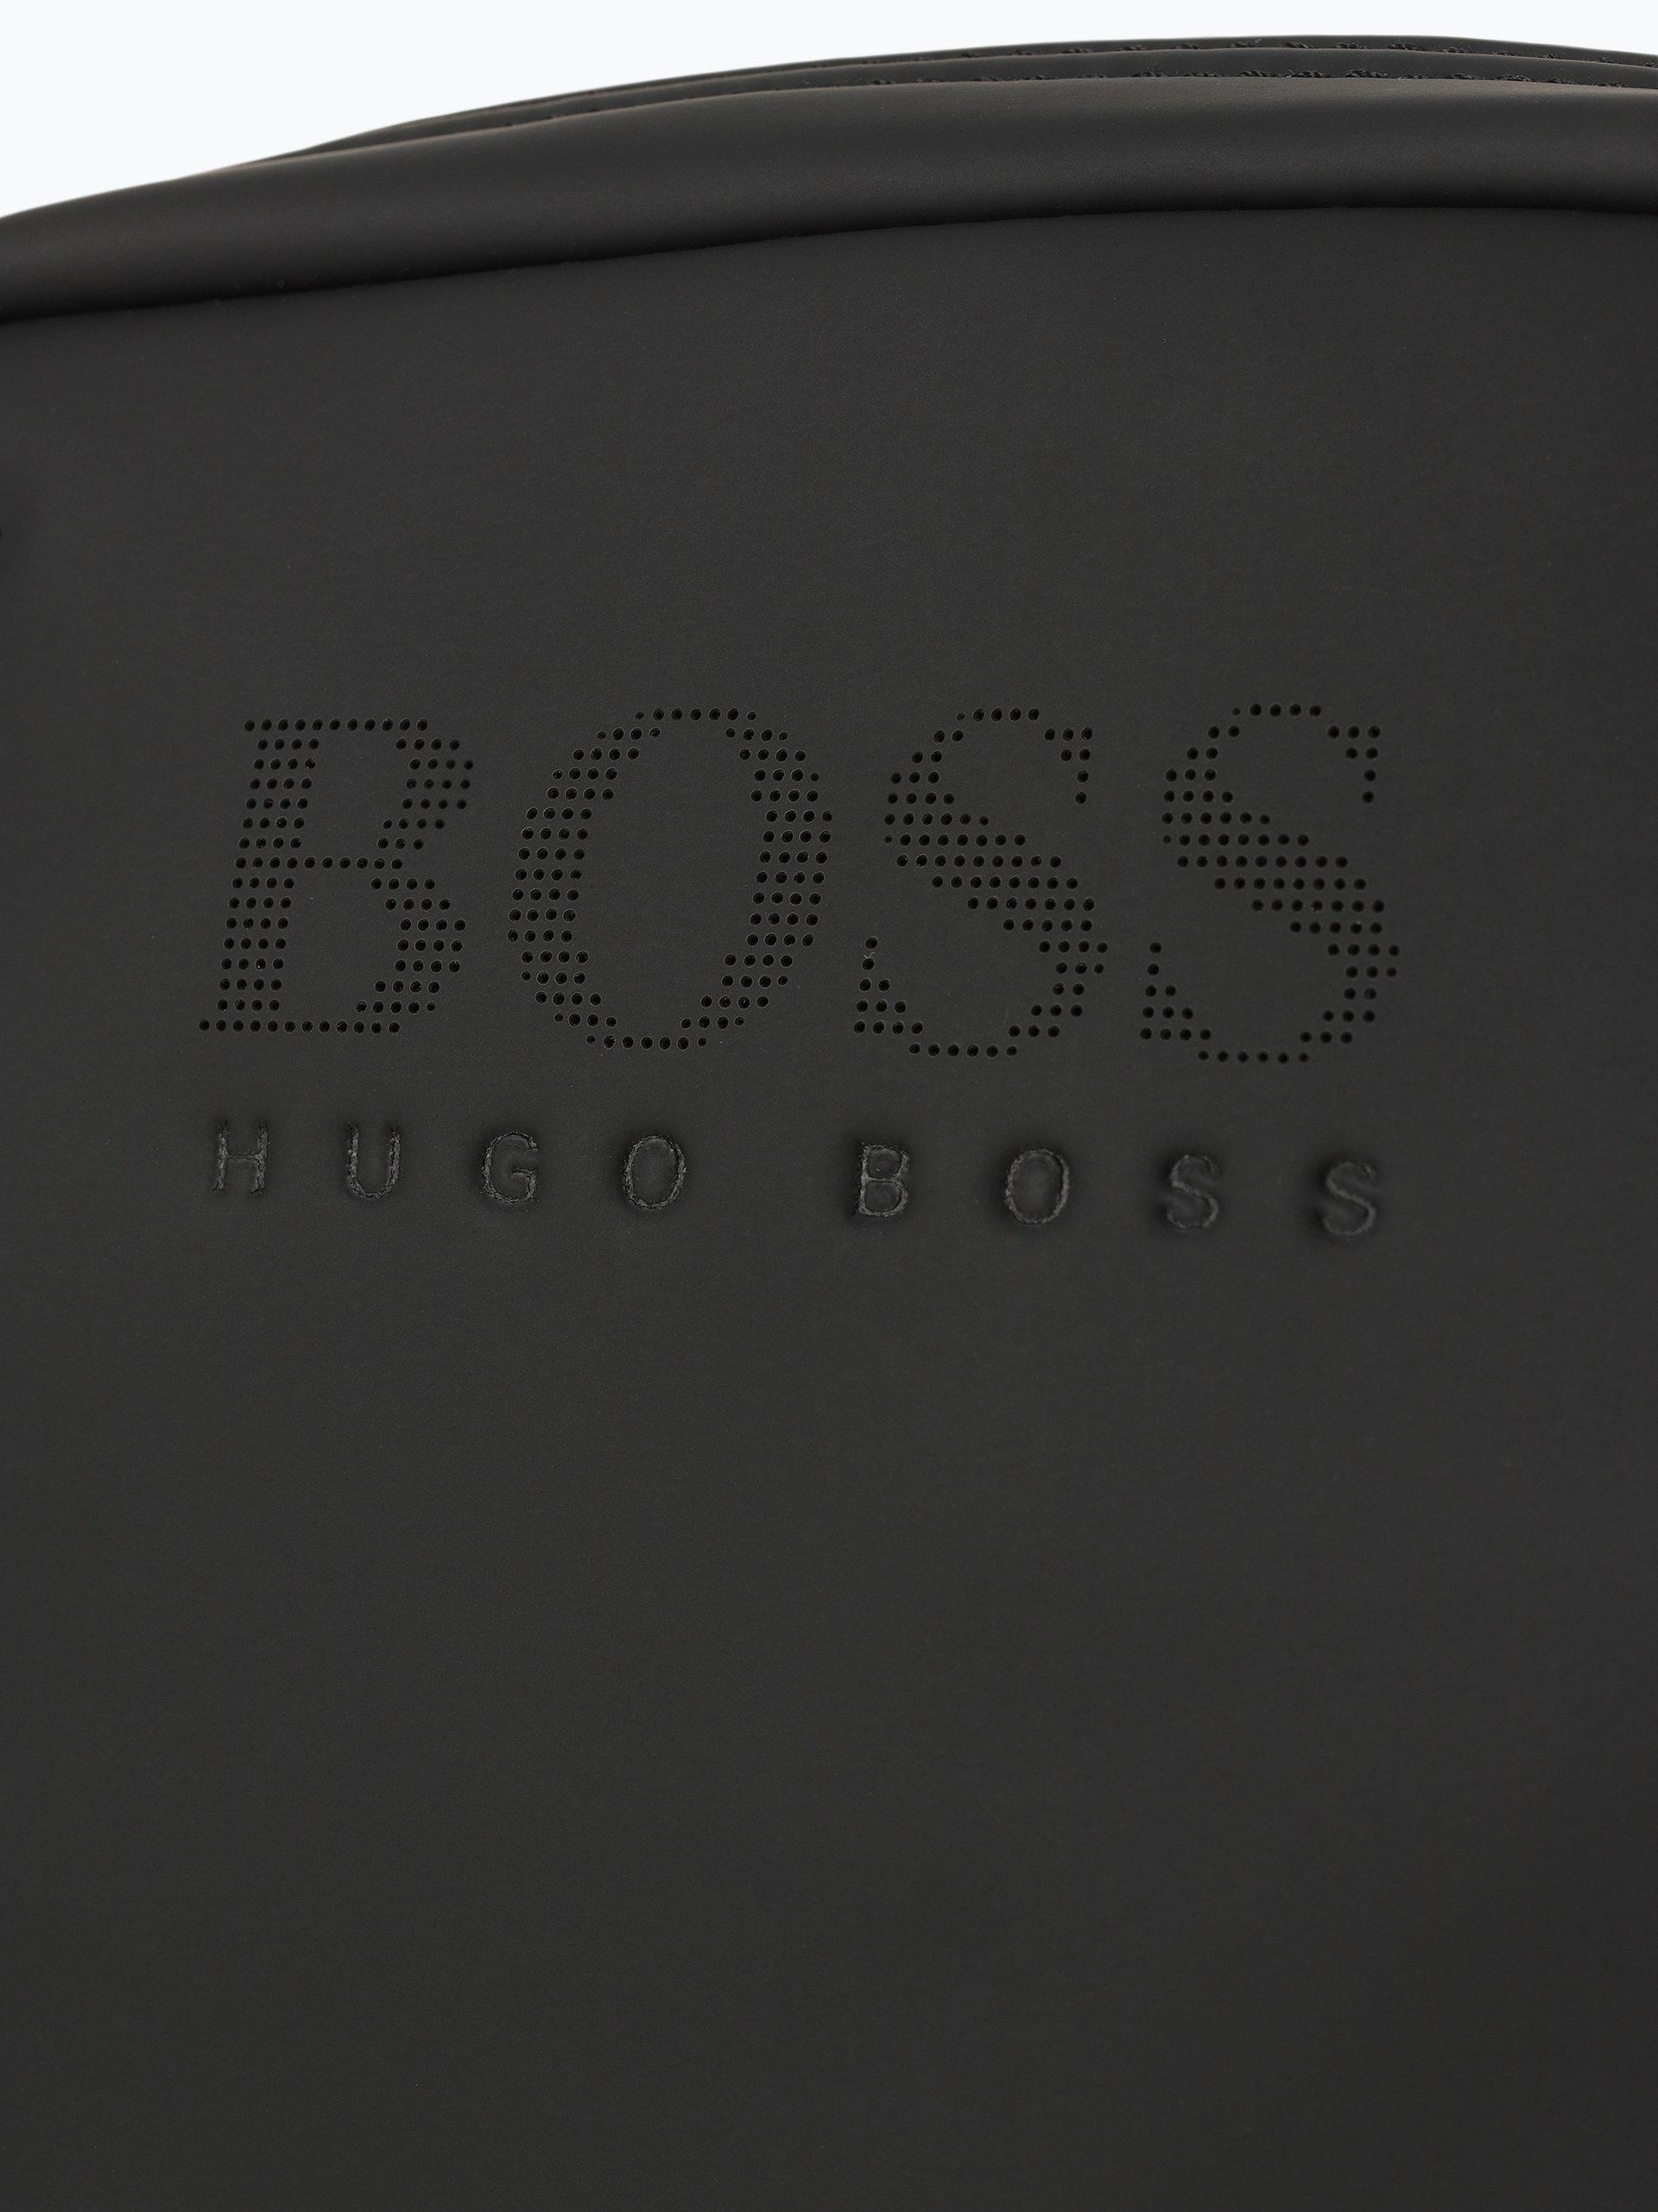 BOSS Herren Umhängetasche - Hyper